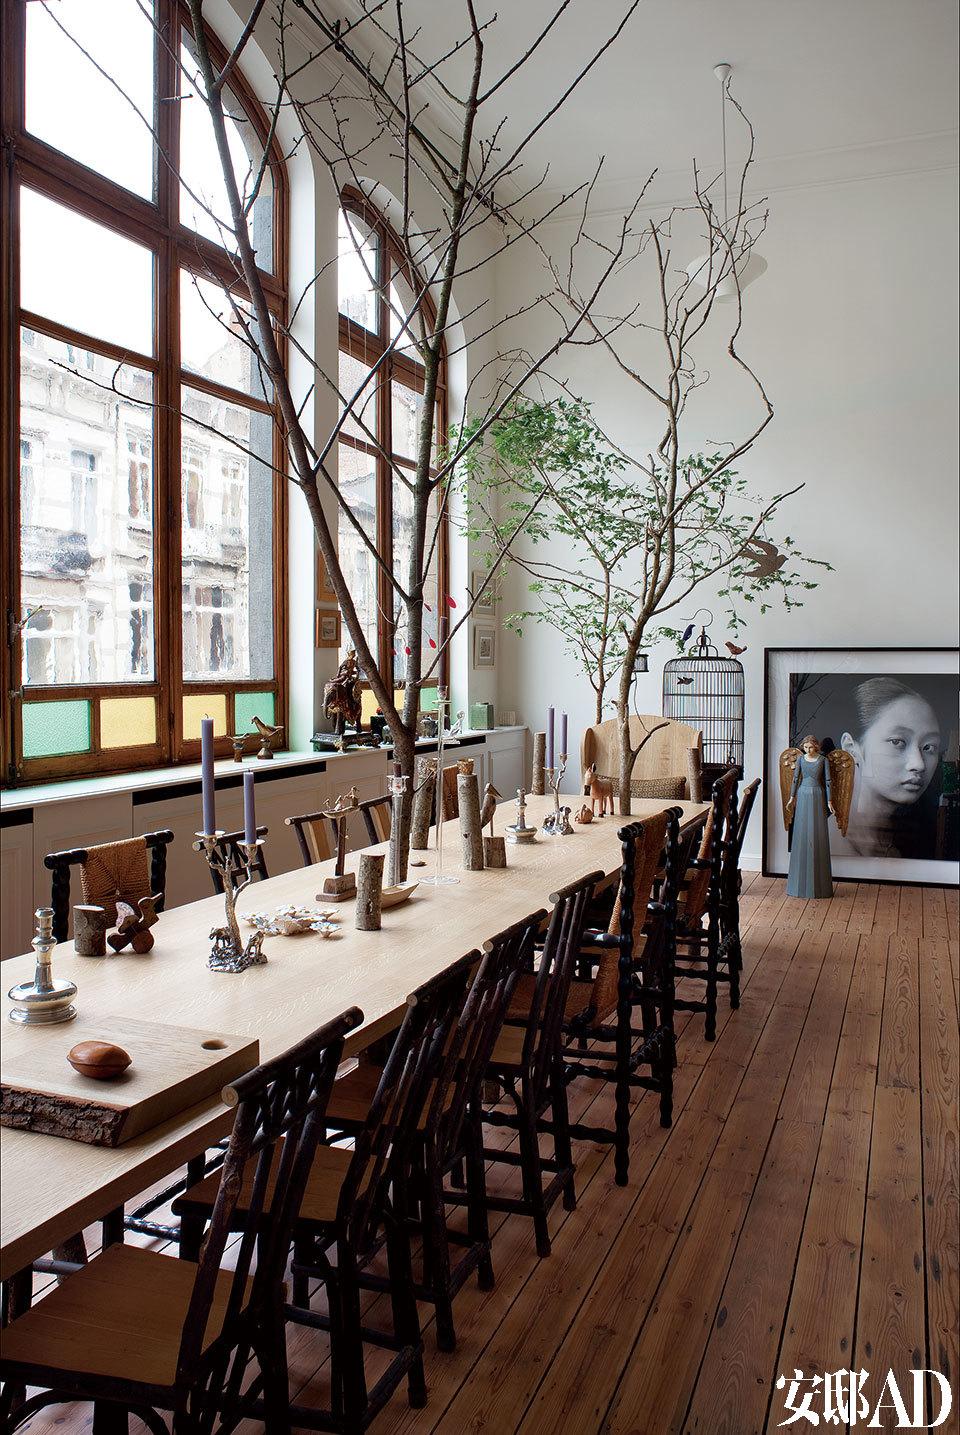 长长的原木餐桌摆上银色烛台,自然光线透过大片布鲁塞尔in bruxelle玻璃窗进入室内,圣洁的天使像也为冬日带来暖意。